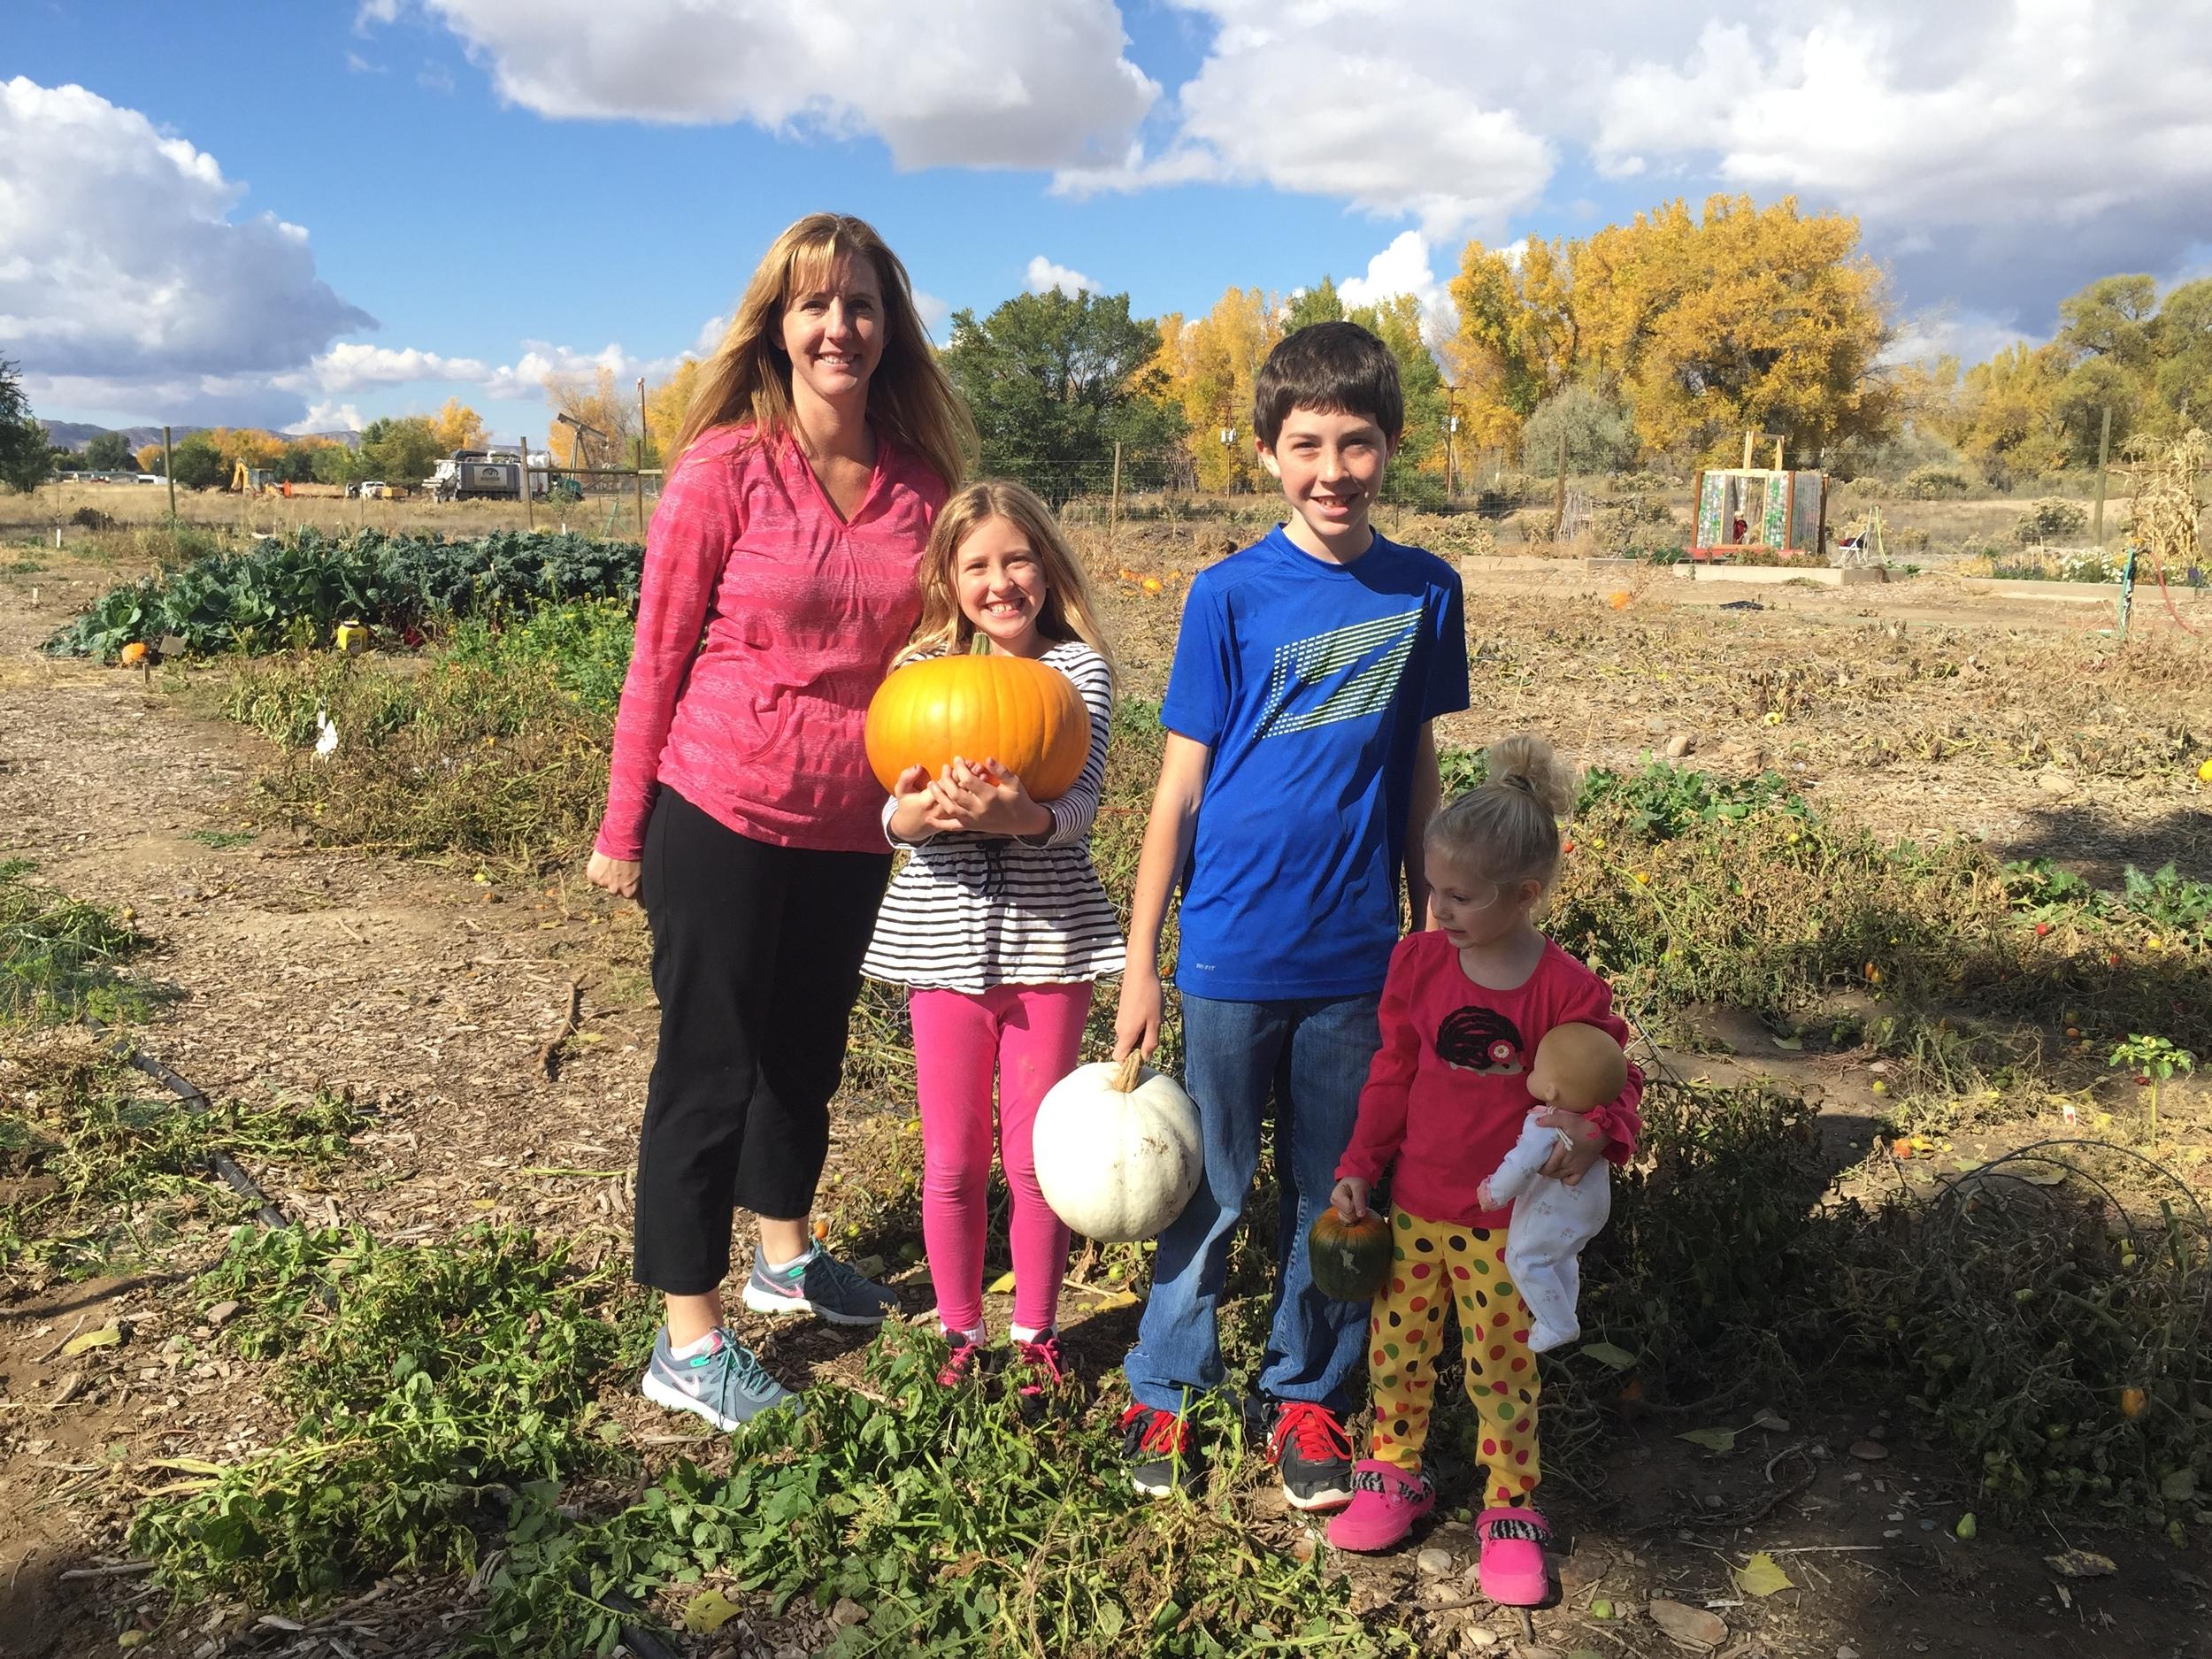 Pumpkins 2015-10-23 055.JPG